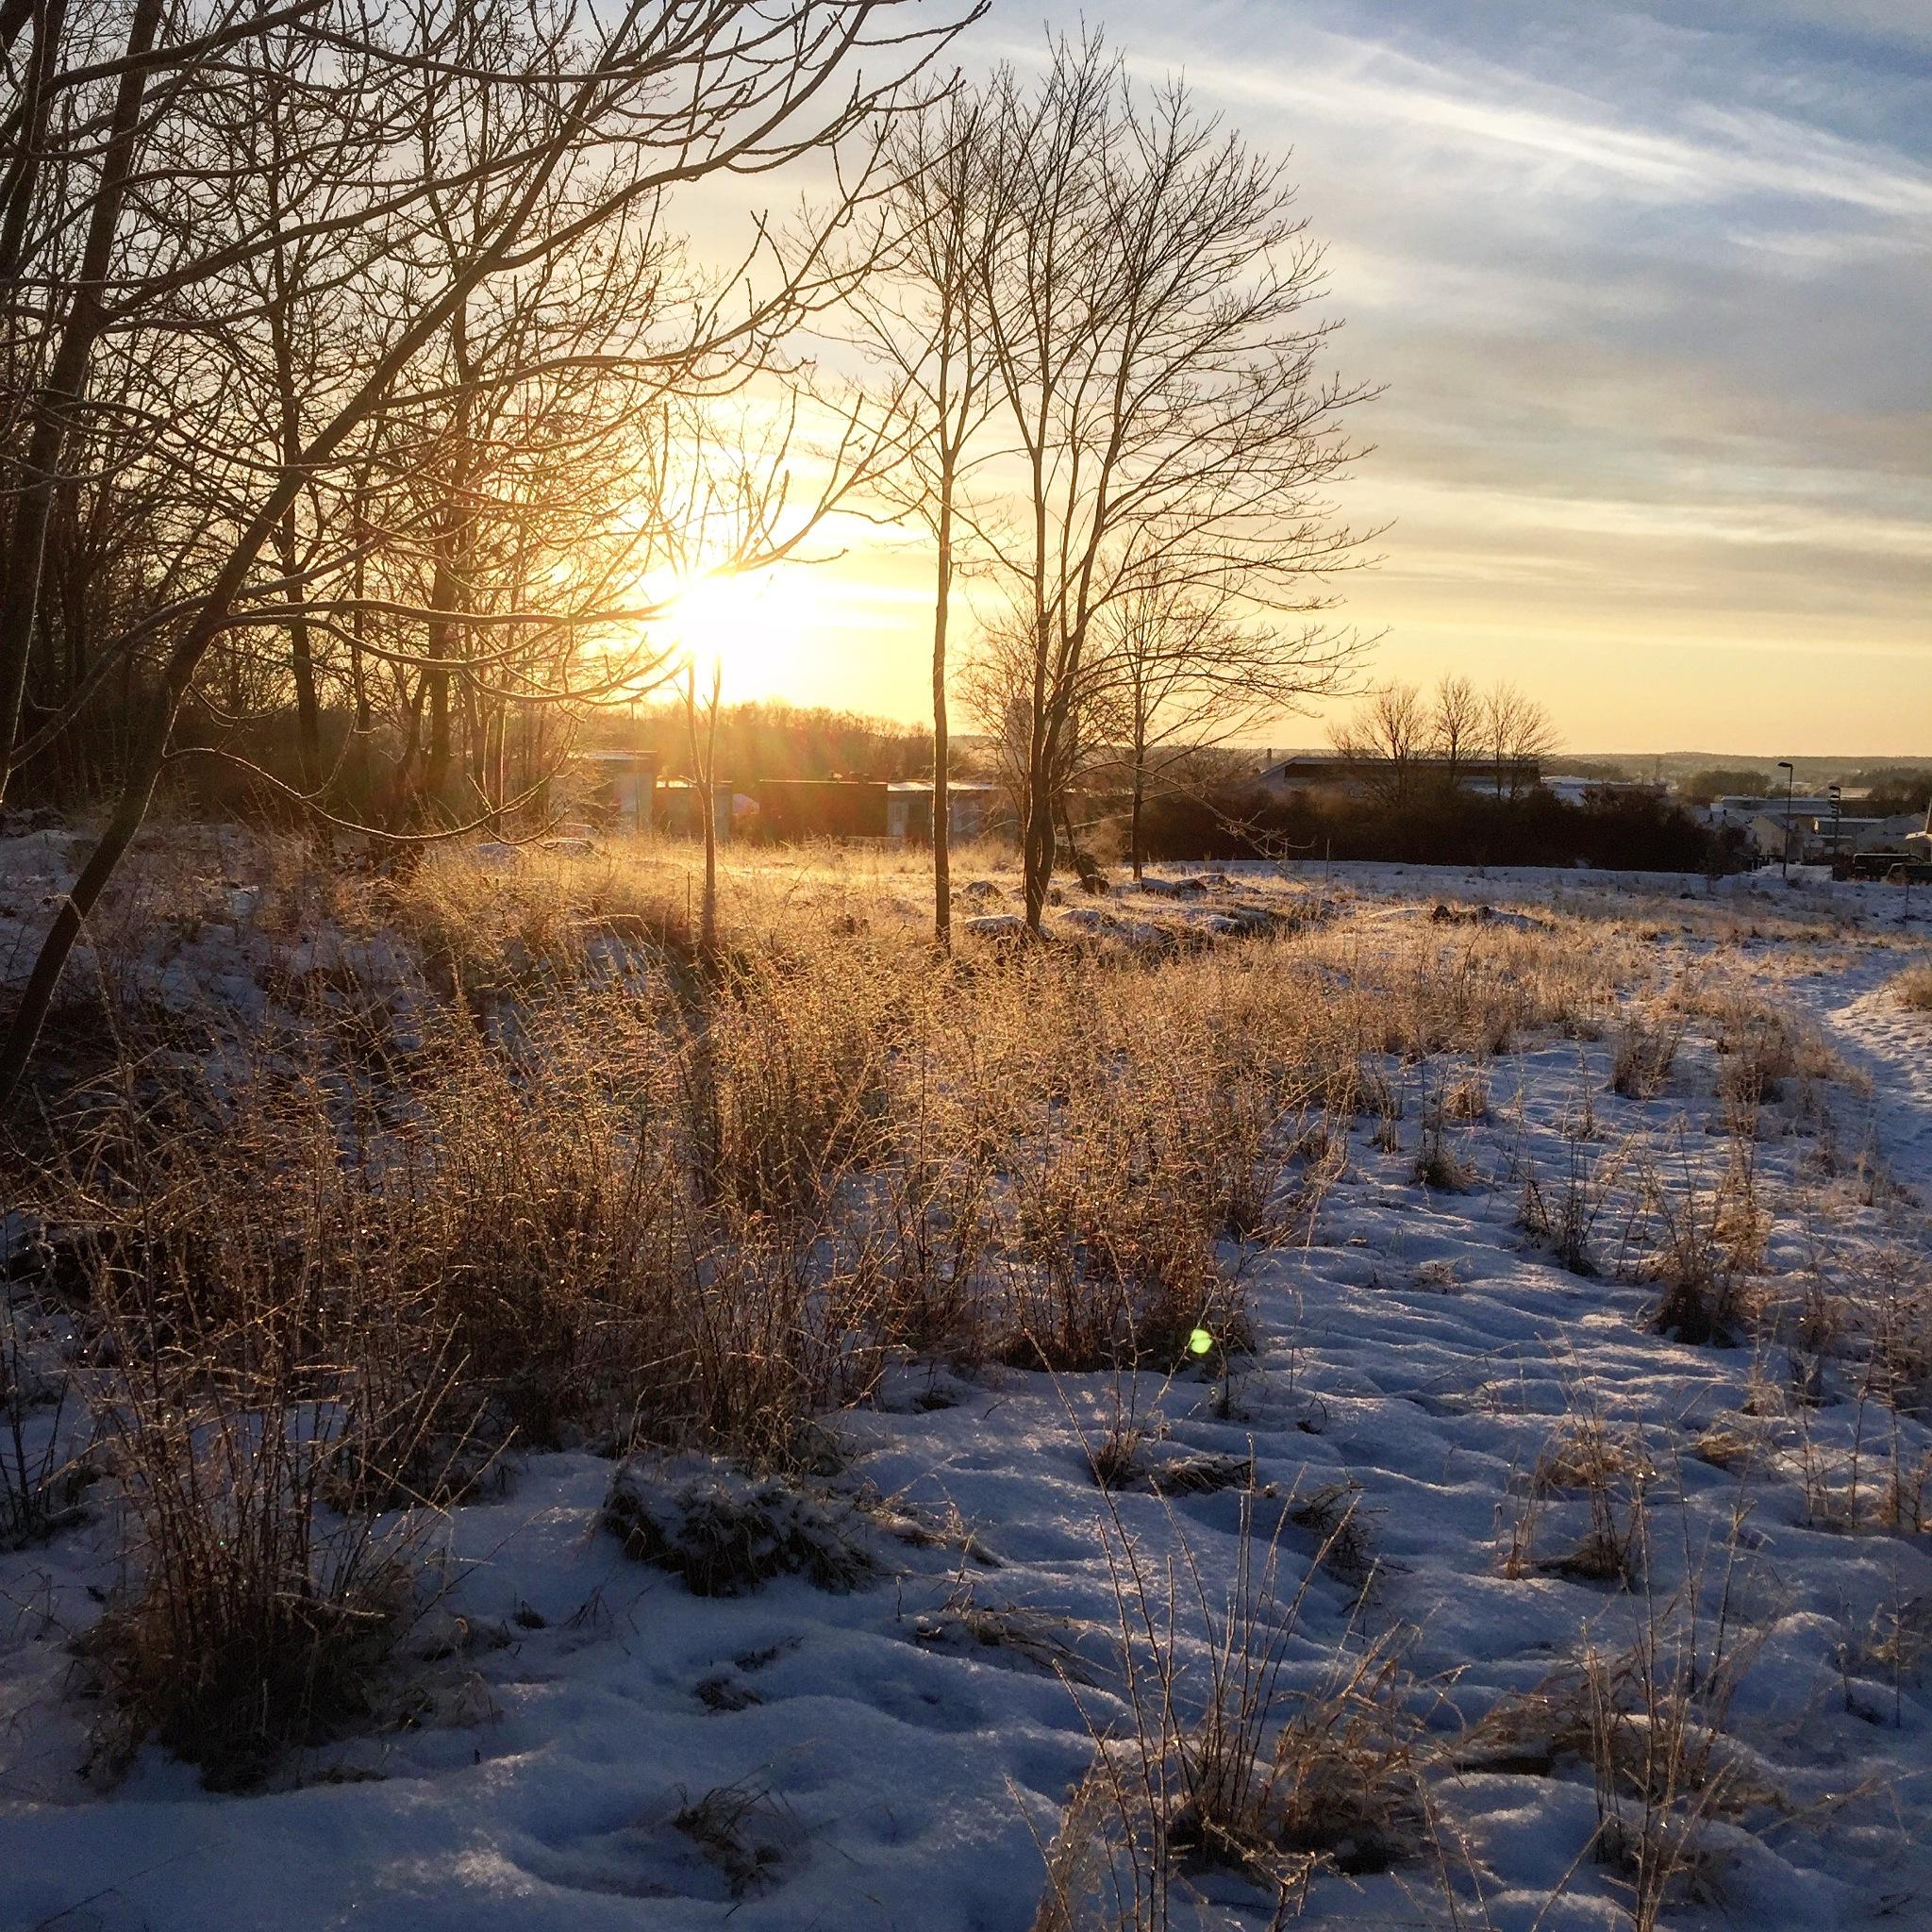 Early sunrise by Ceciliasderlund